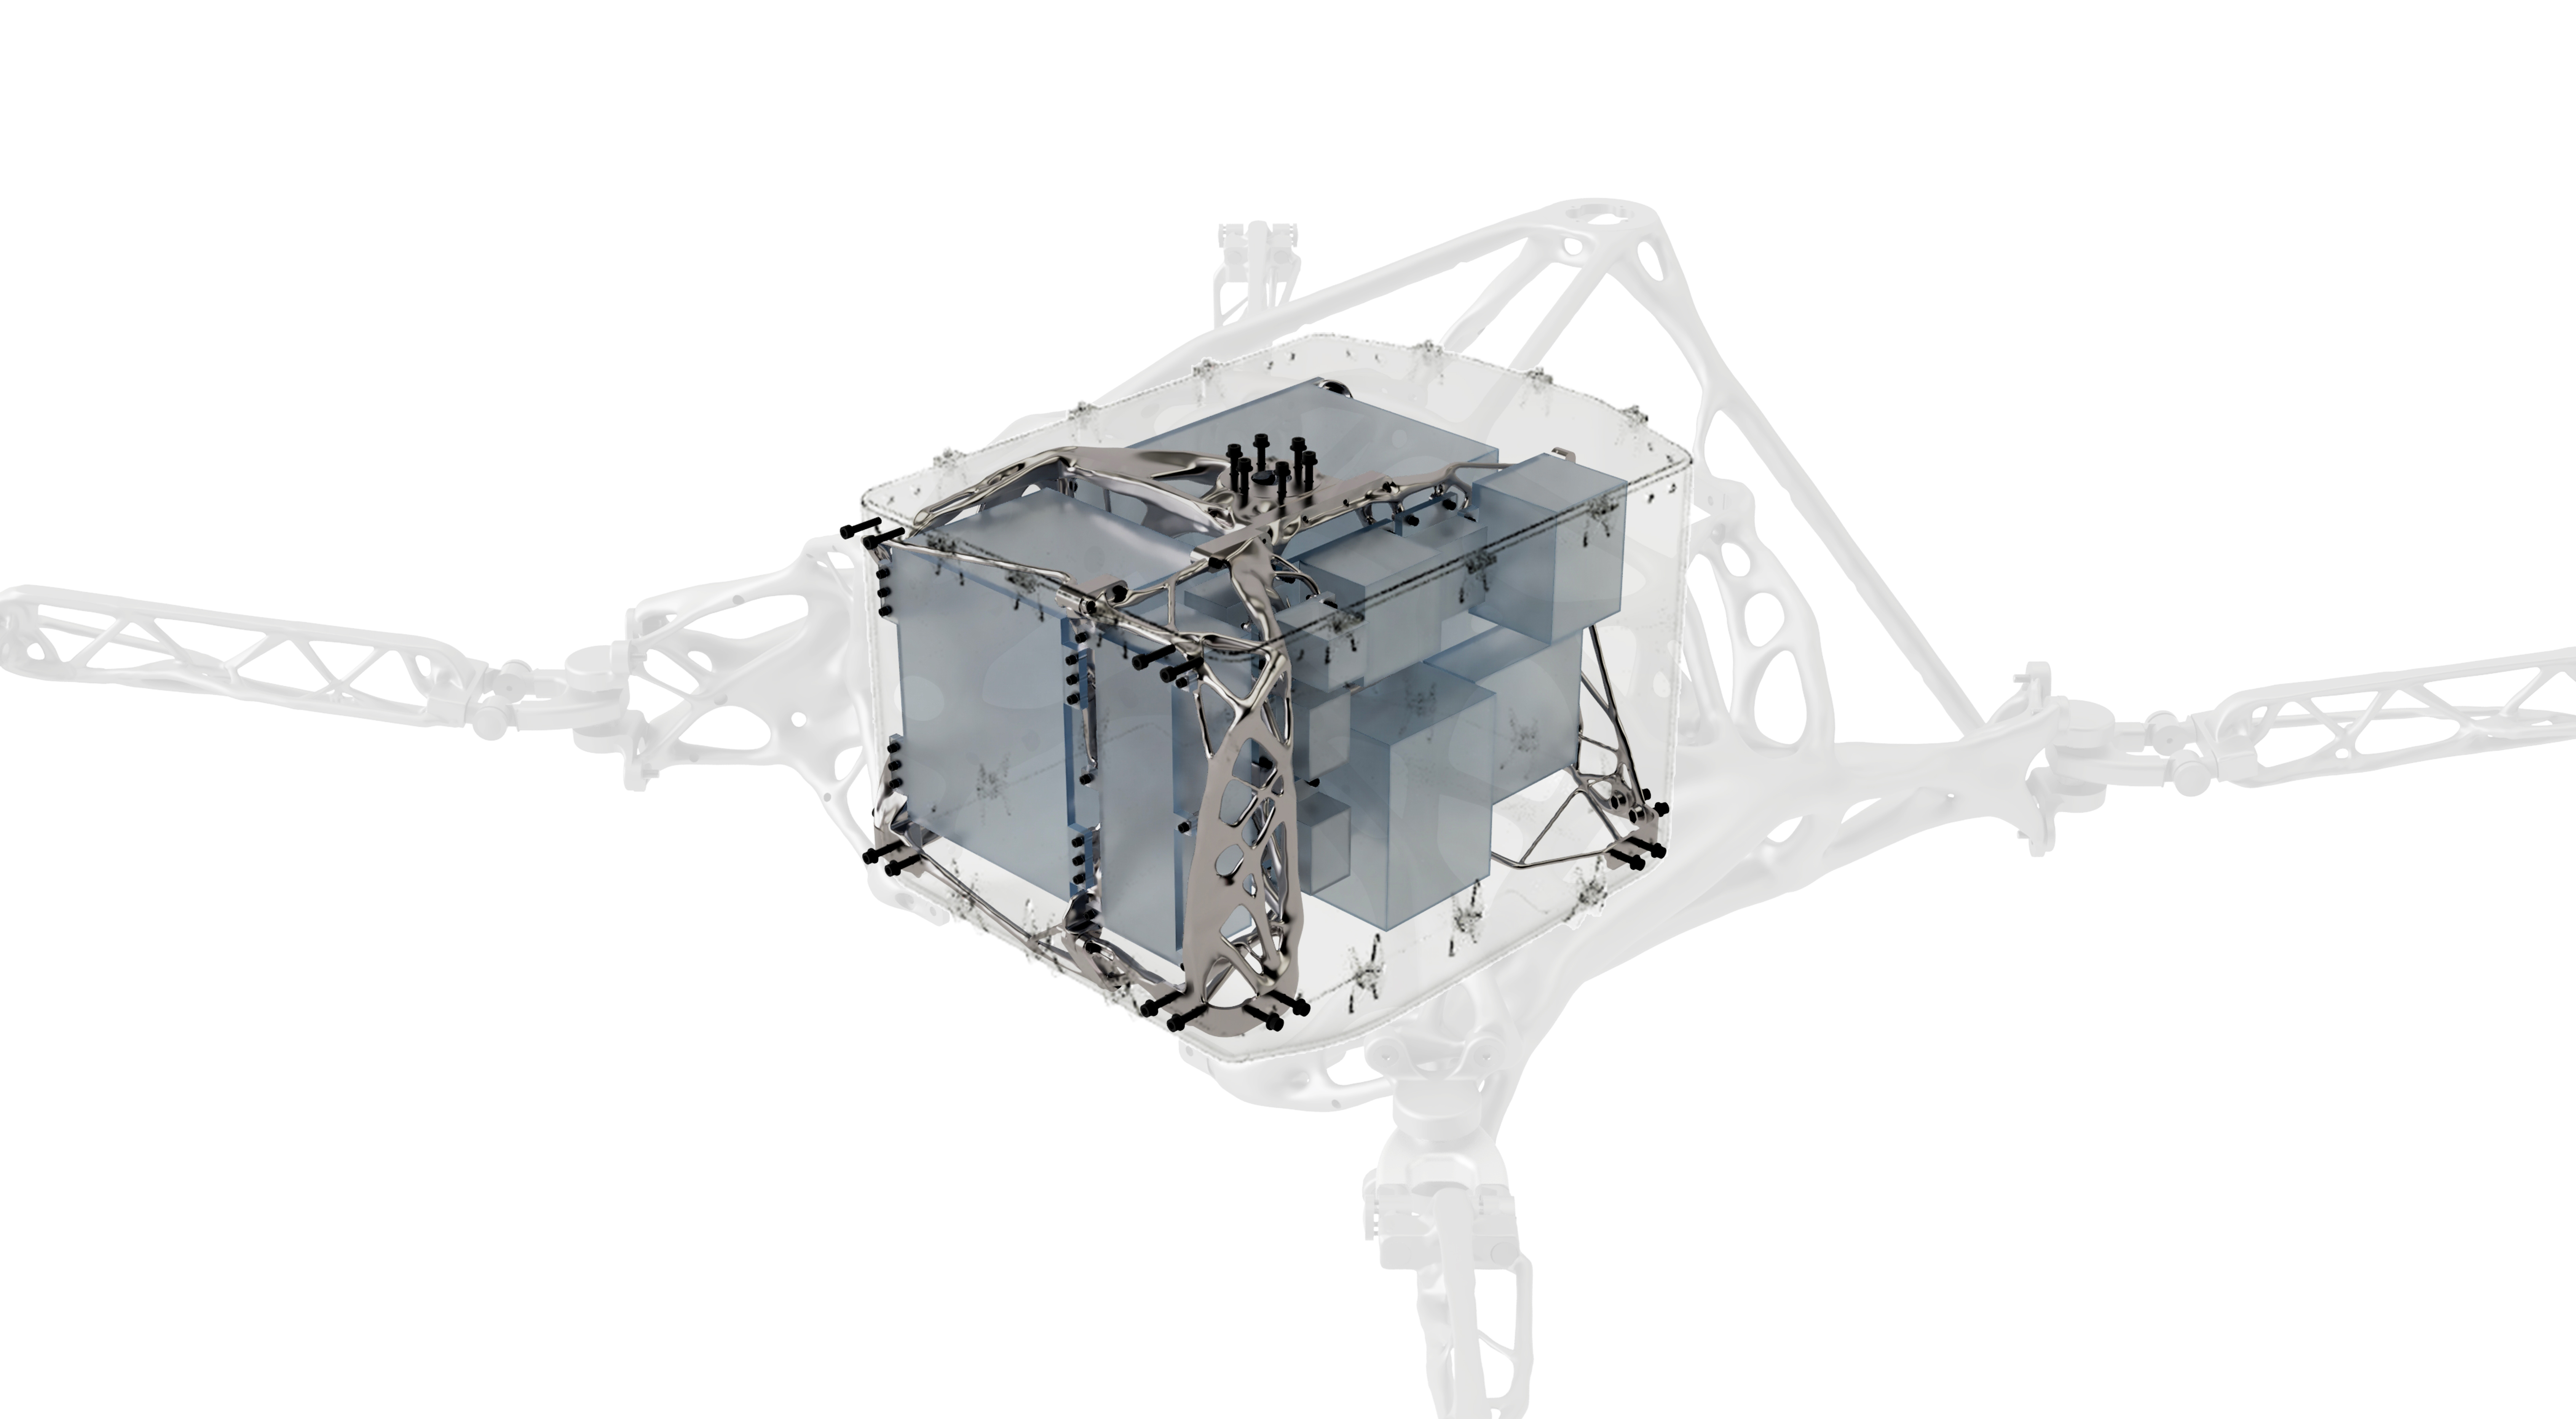 JPL Lander Design